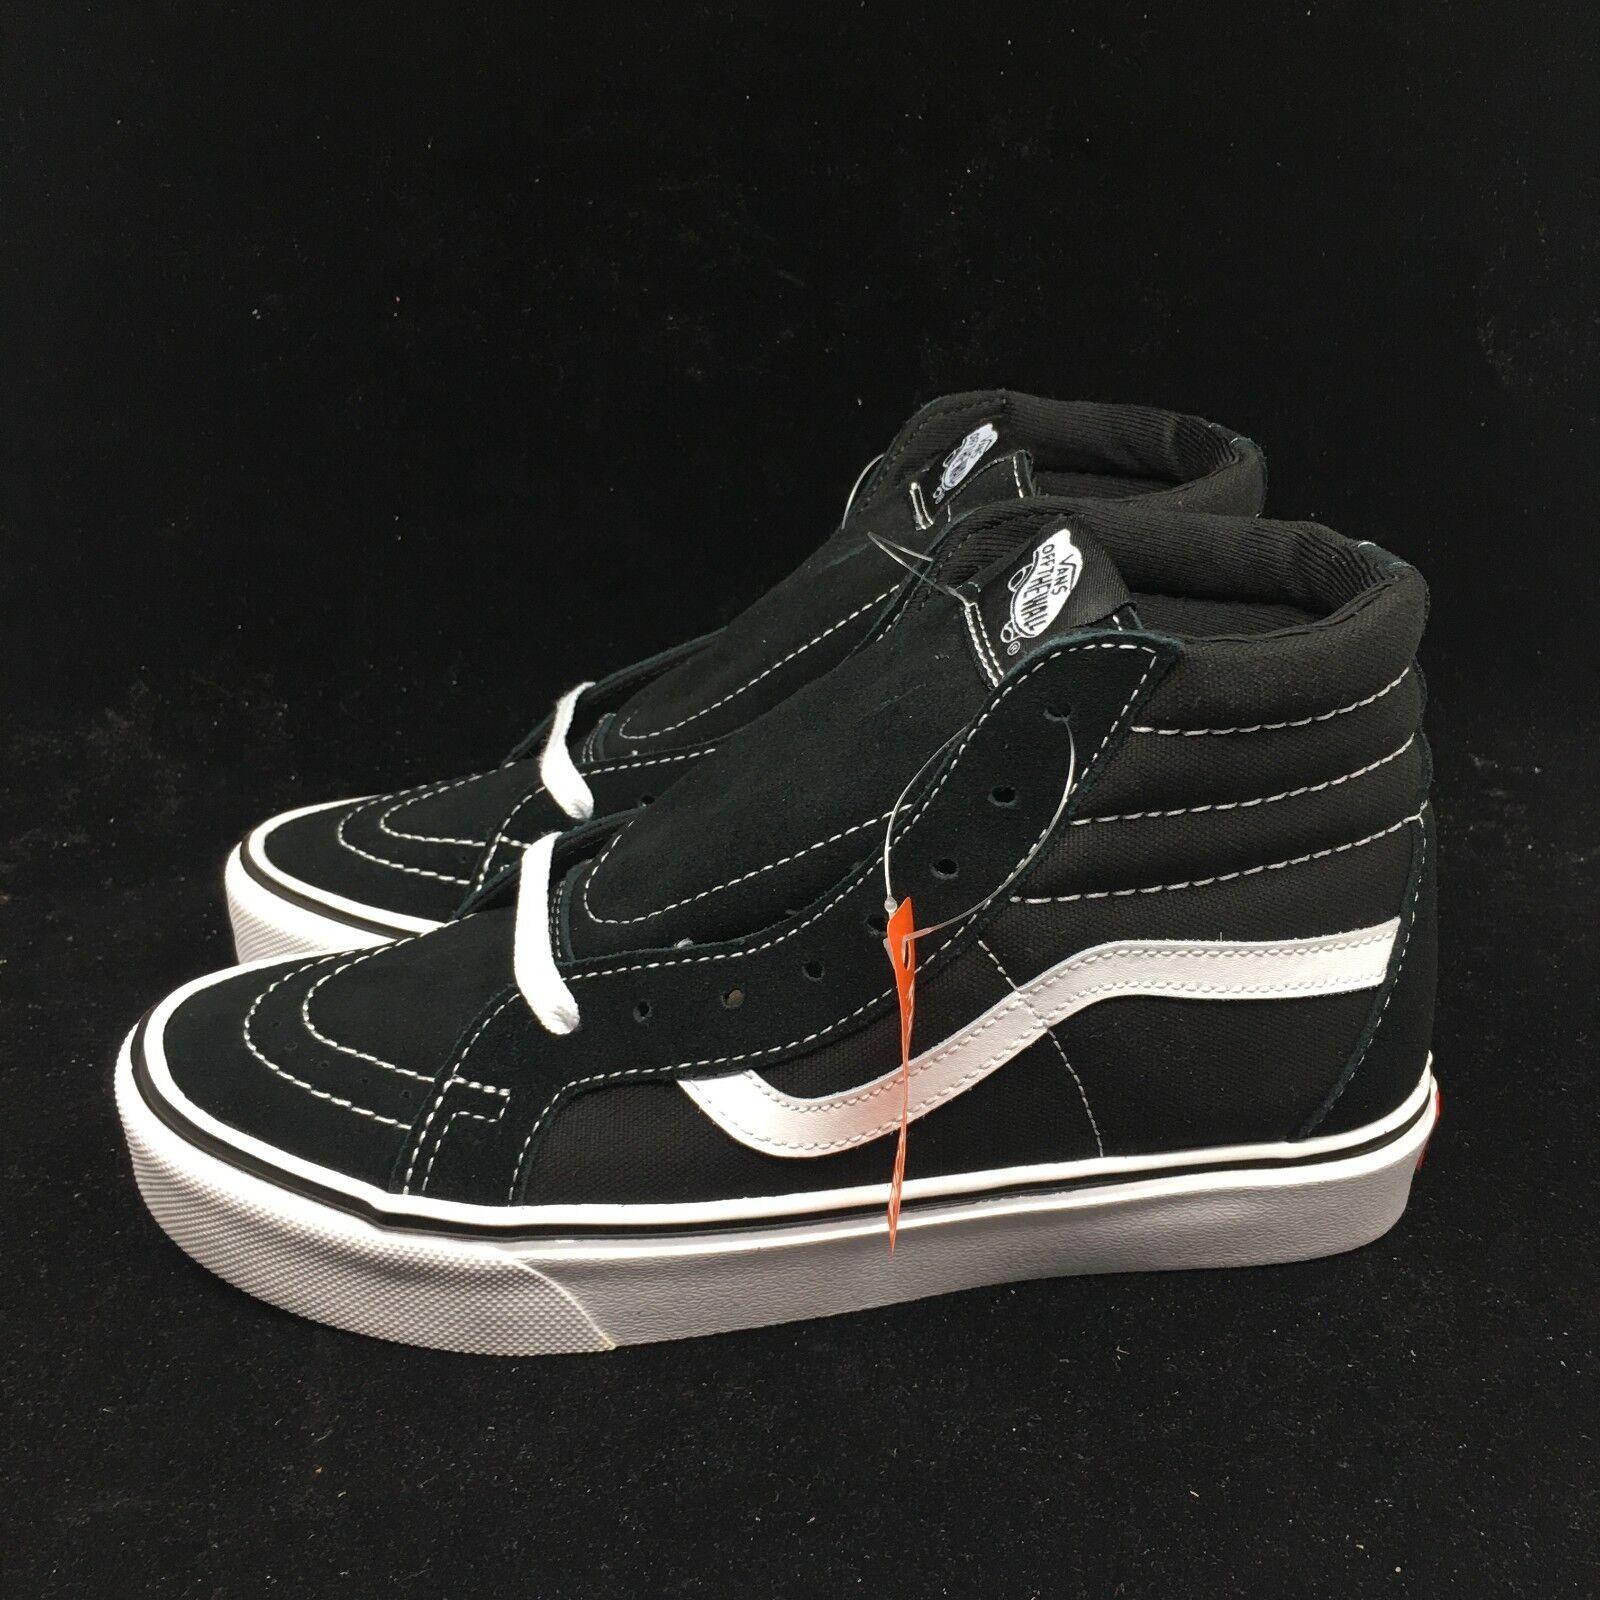 vans sk8 hi  lite de toile toile toile noire des chaussures en daim vn0004paiju unisexes pour hom mes femmes 7ef019